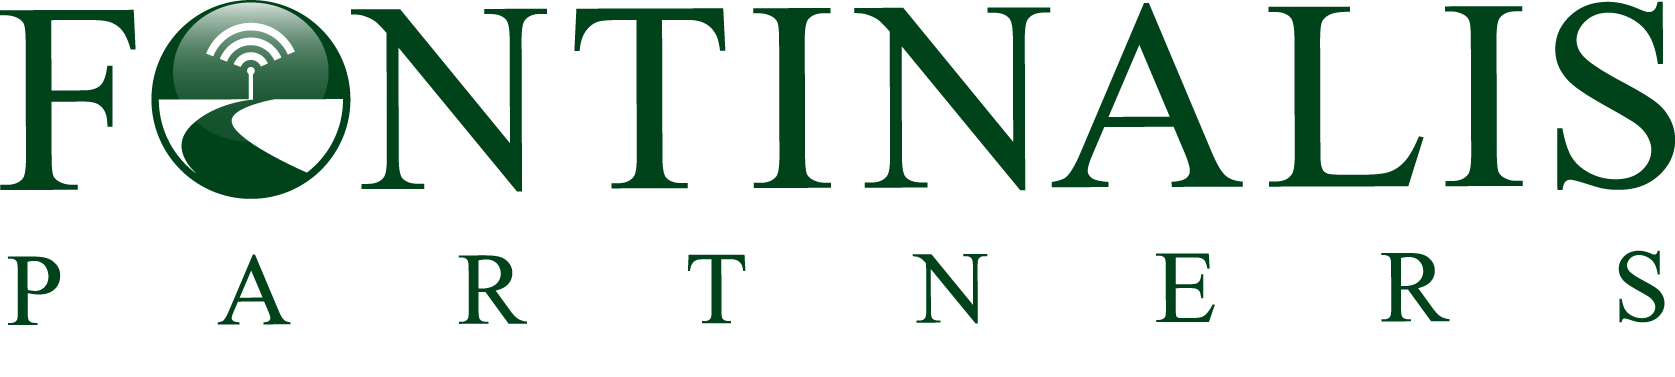 Fontinalis Partners.png